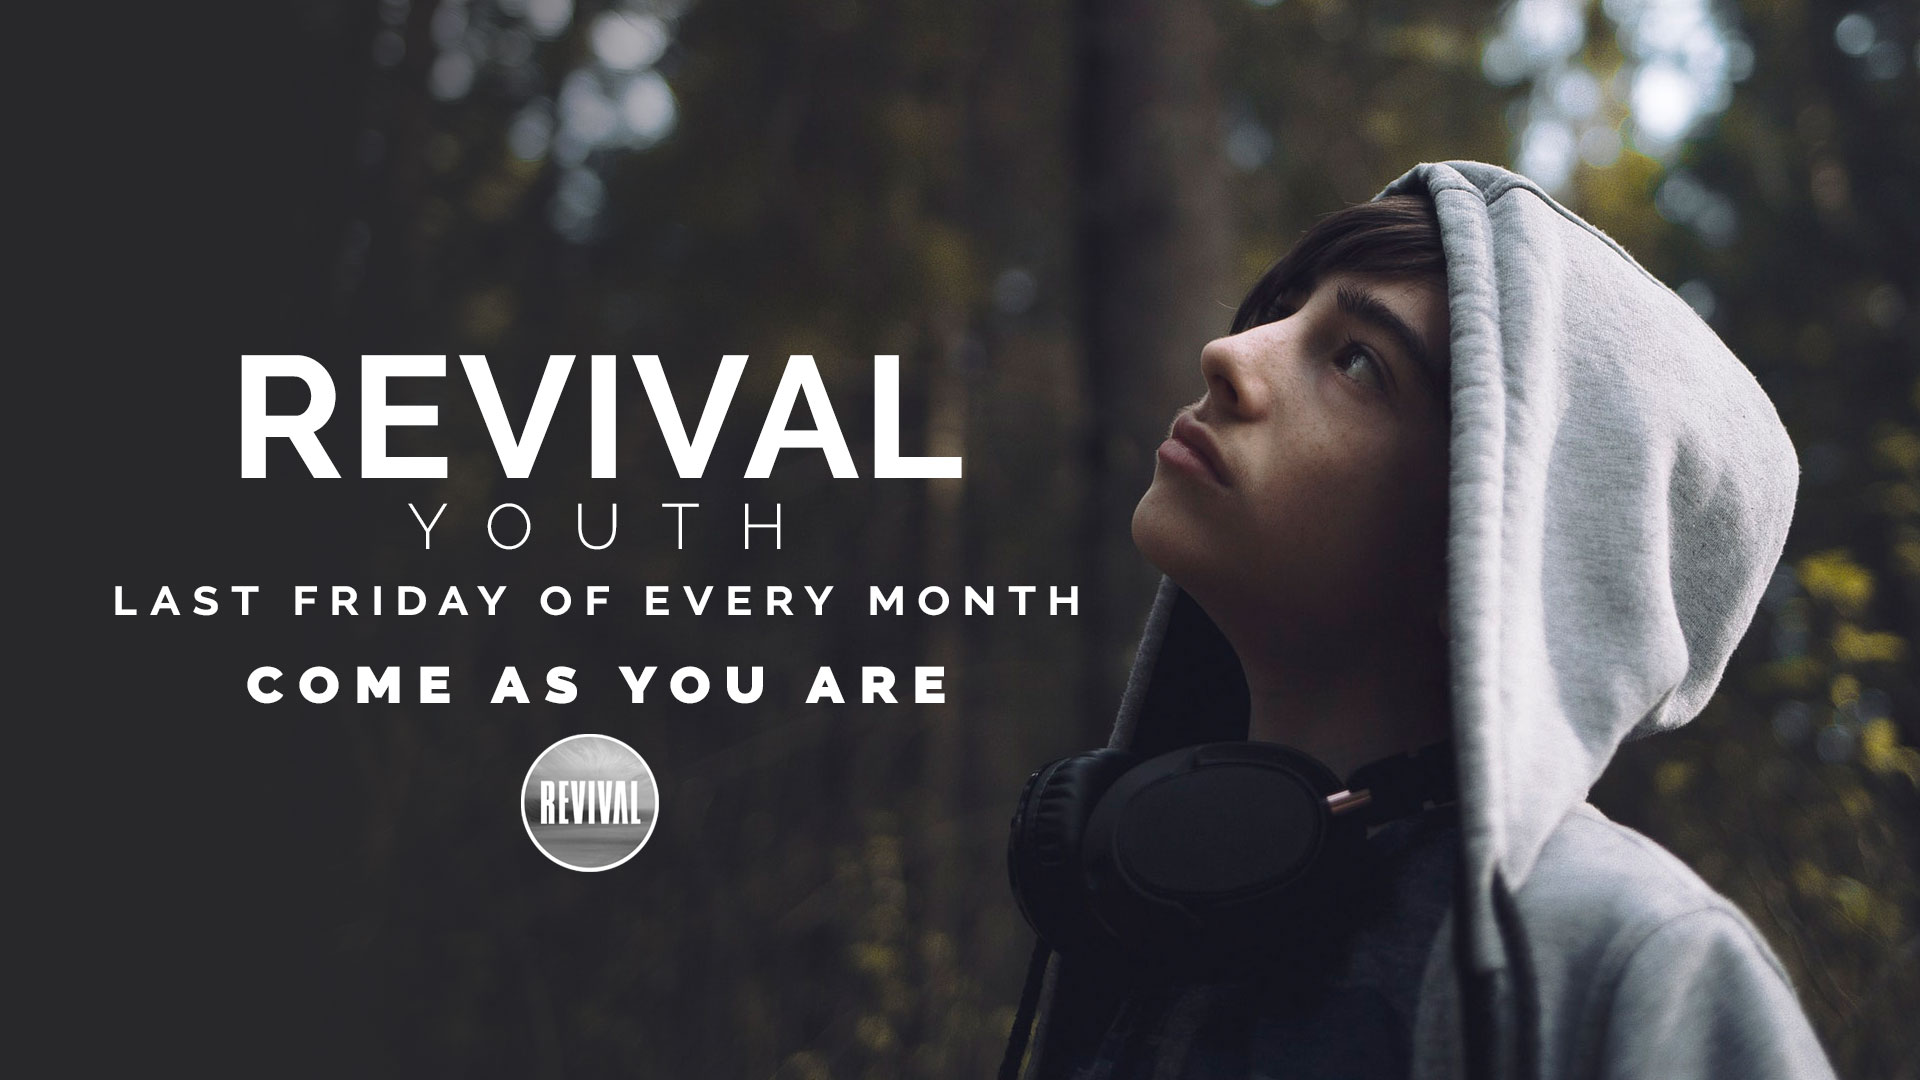 revival_info.jpg